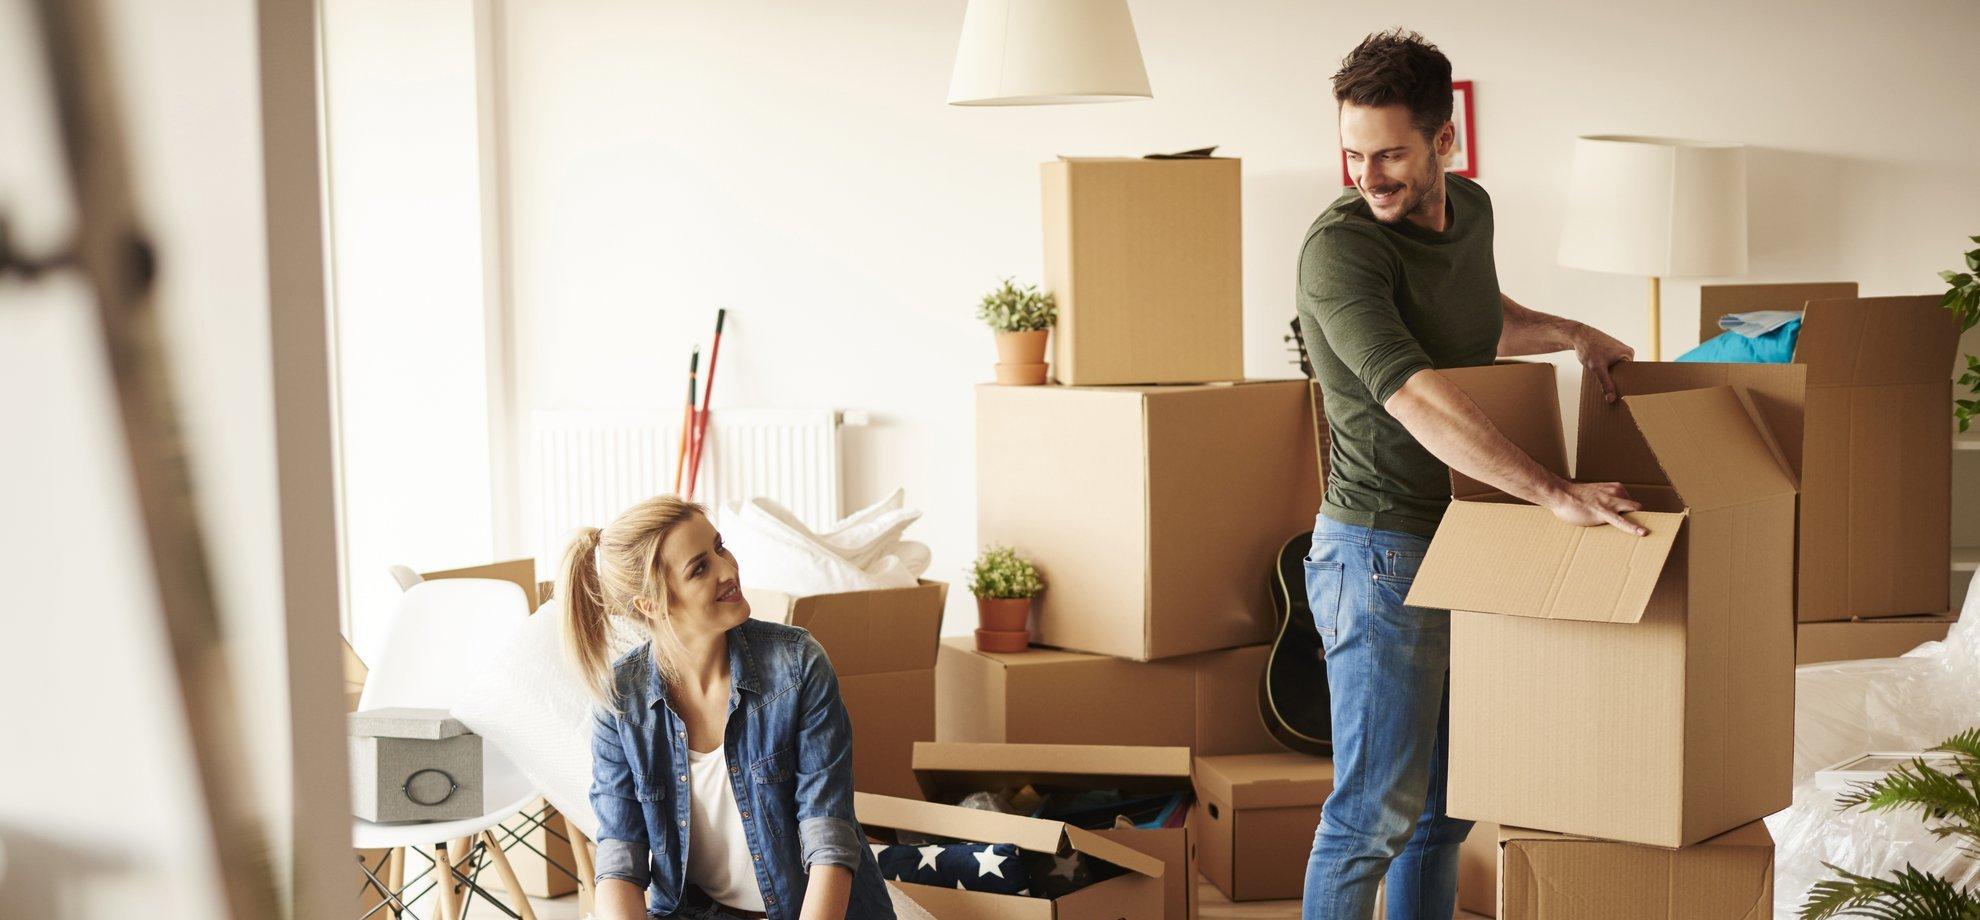 Dette skal følge med boligen når du selger | ABC Nyheter